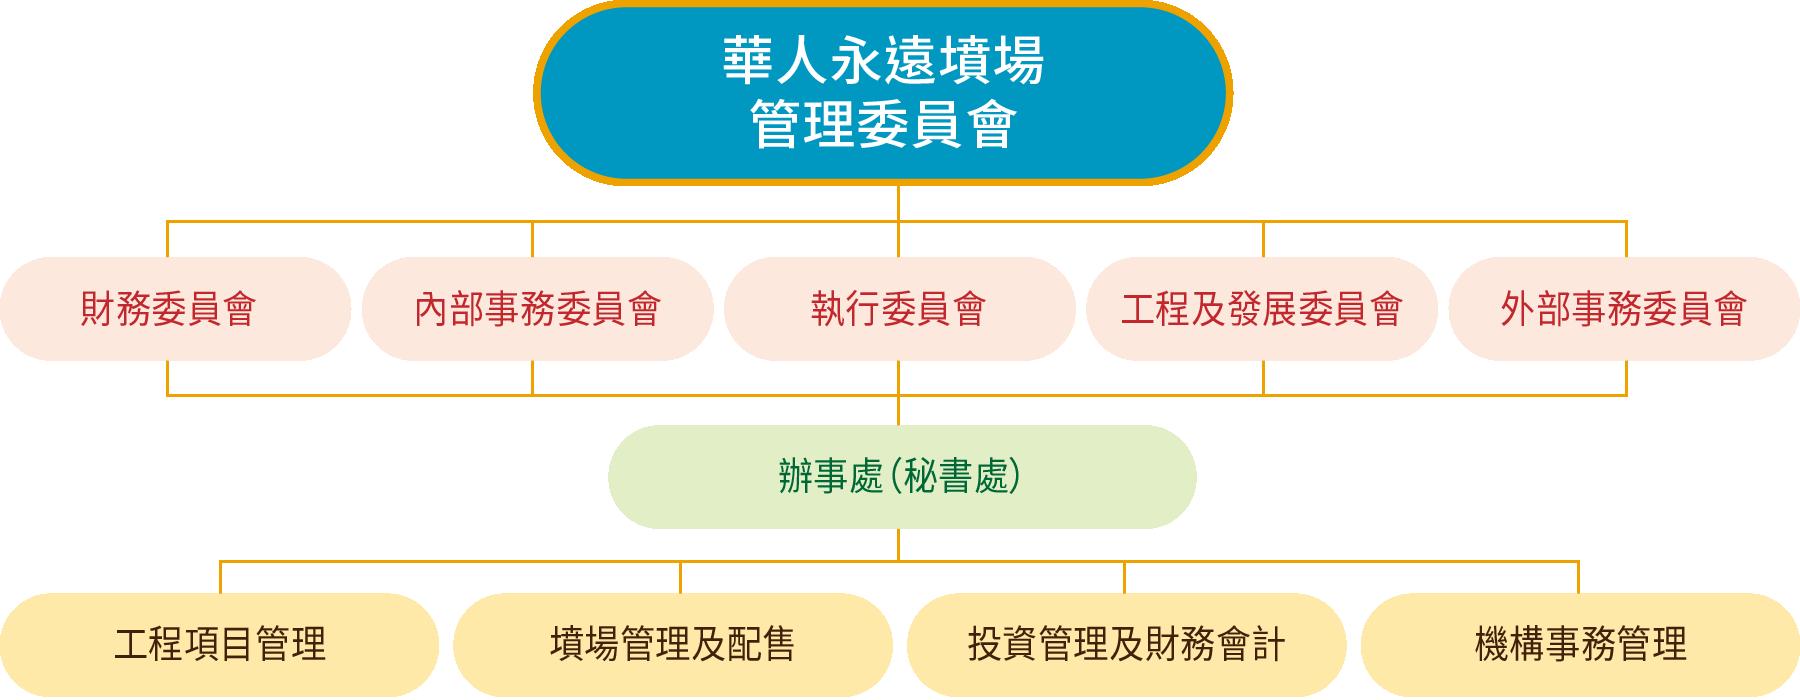 華人永遠墳場管理委員會架構圖